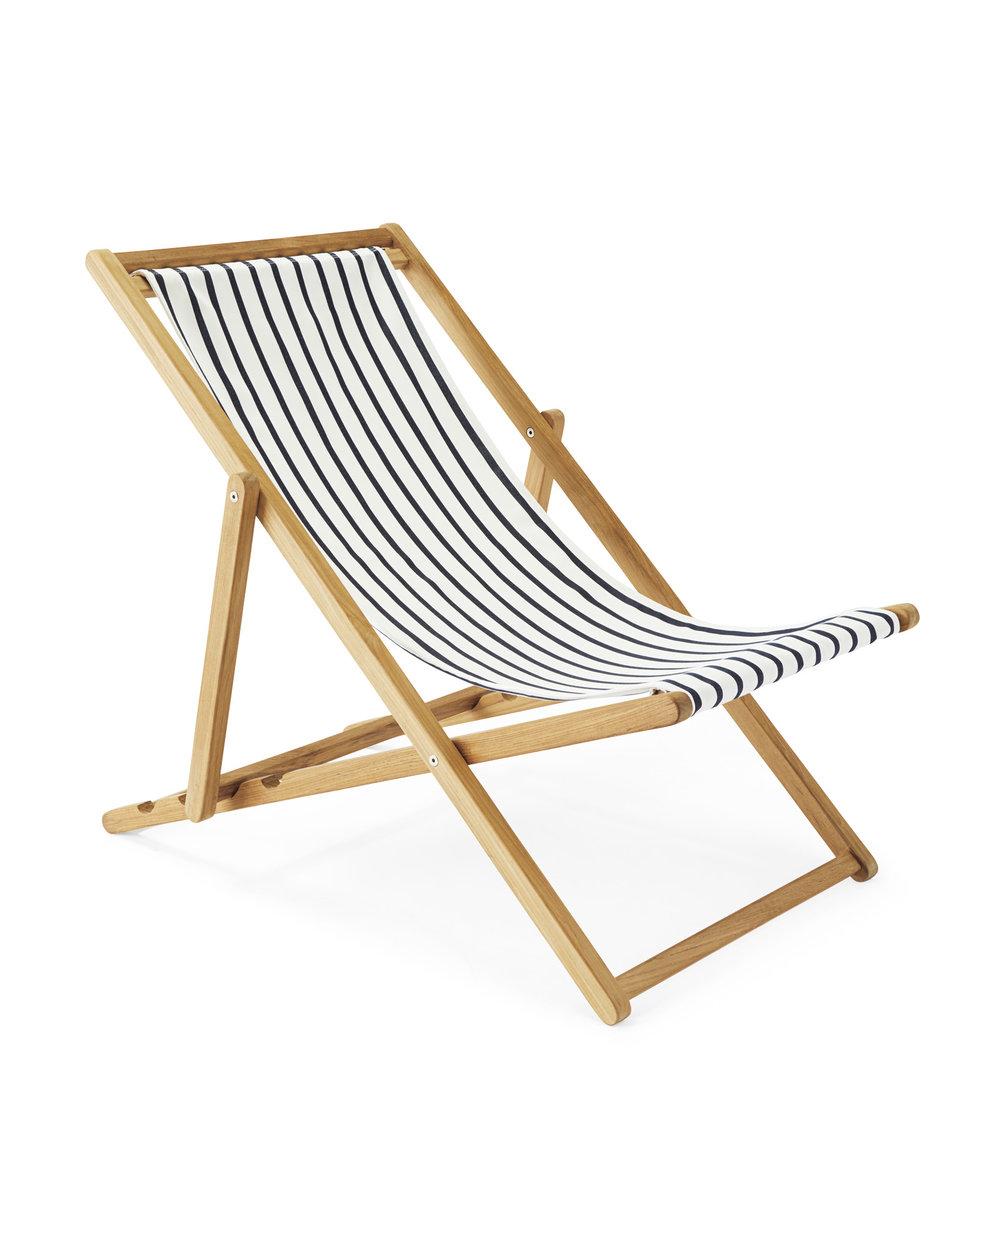 Furn_Sling_Chair_Lido_Stripe_MV_1304_Crop_SH.jpg